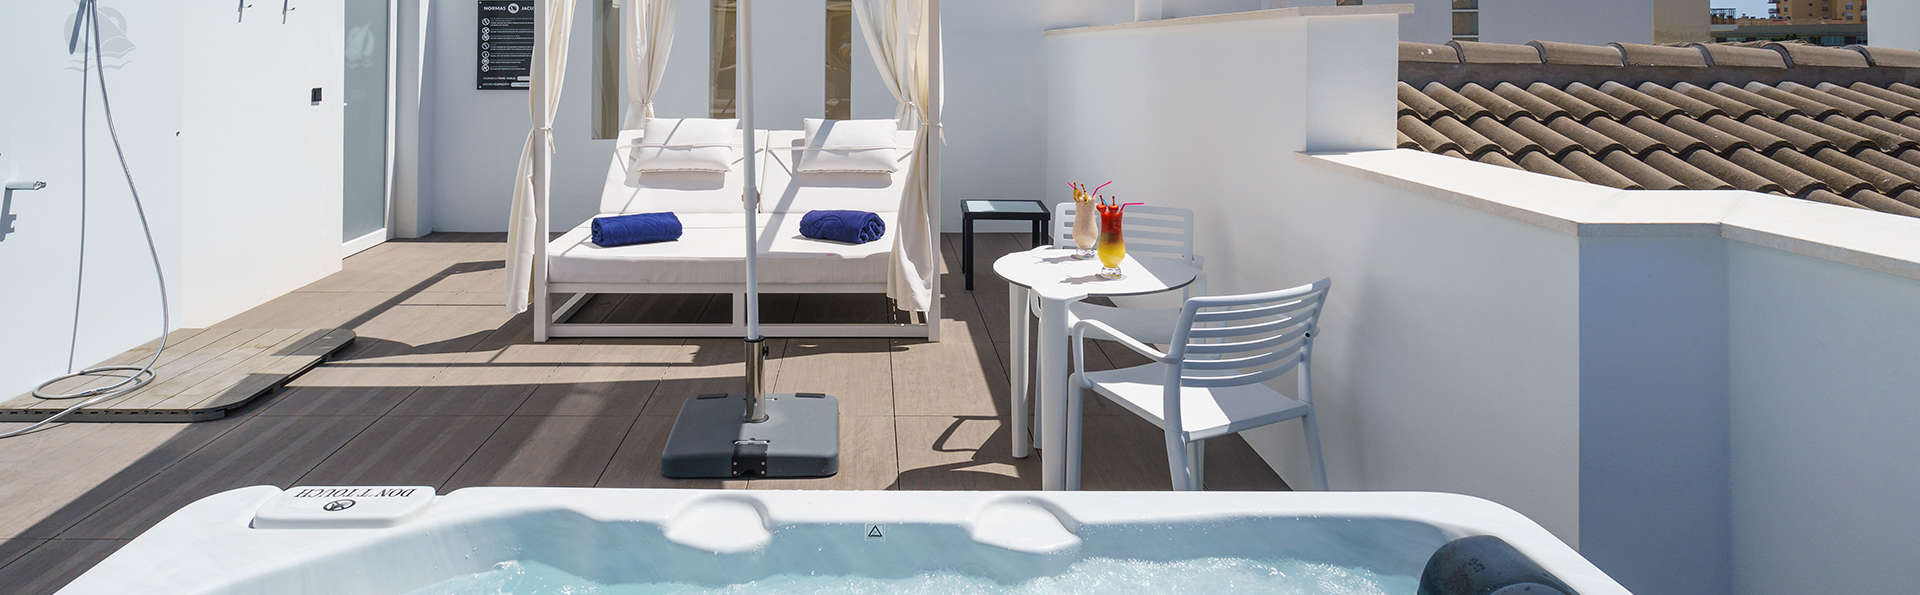 Détente et gastronomie dans un hôtel de luxe à Torremolinos, Costa del Sol